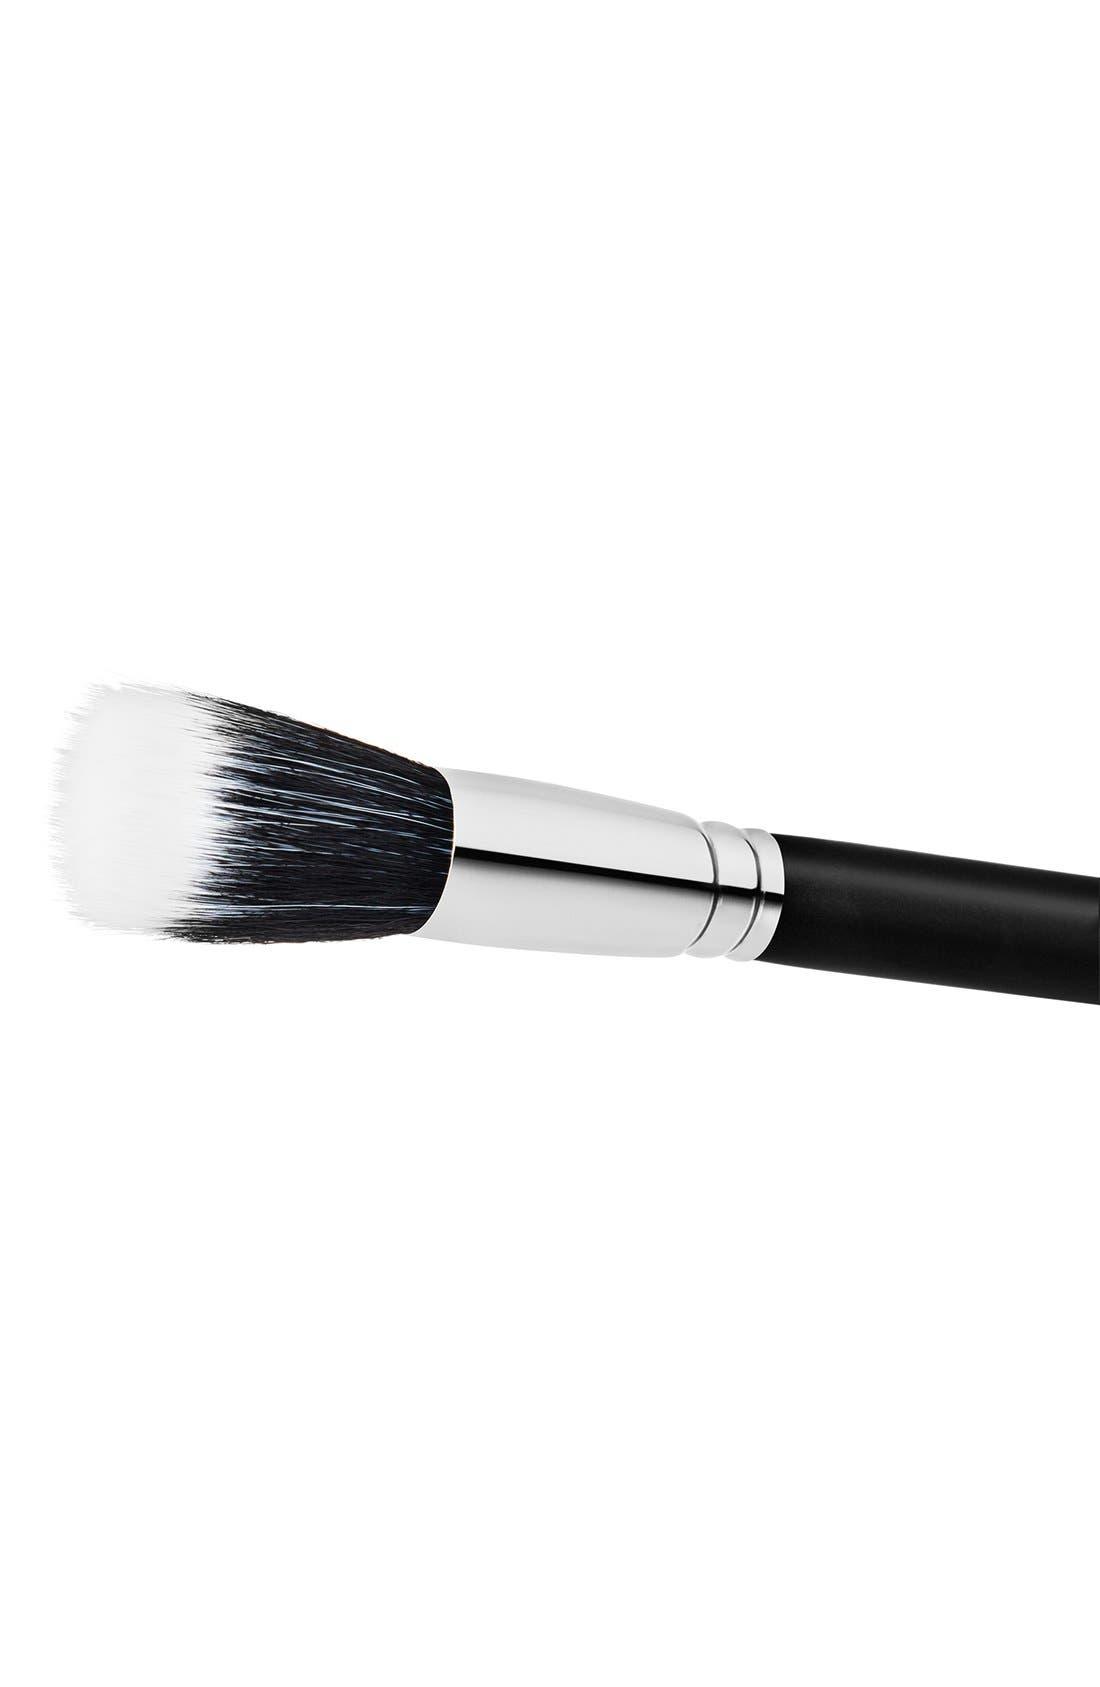 MAC 187 Duo Fibre Face Brush,                             Alternate thumbnail 3, color,                             000